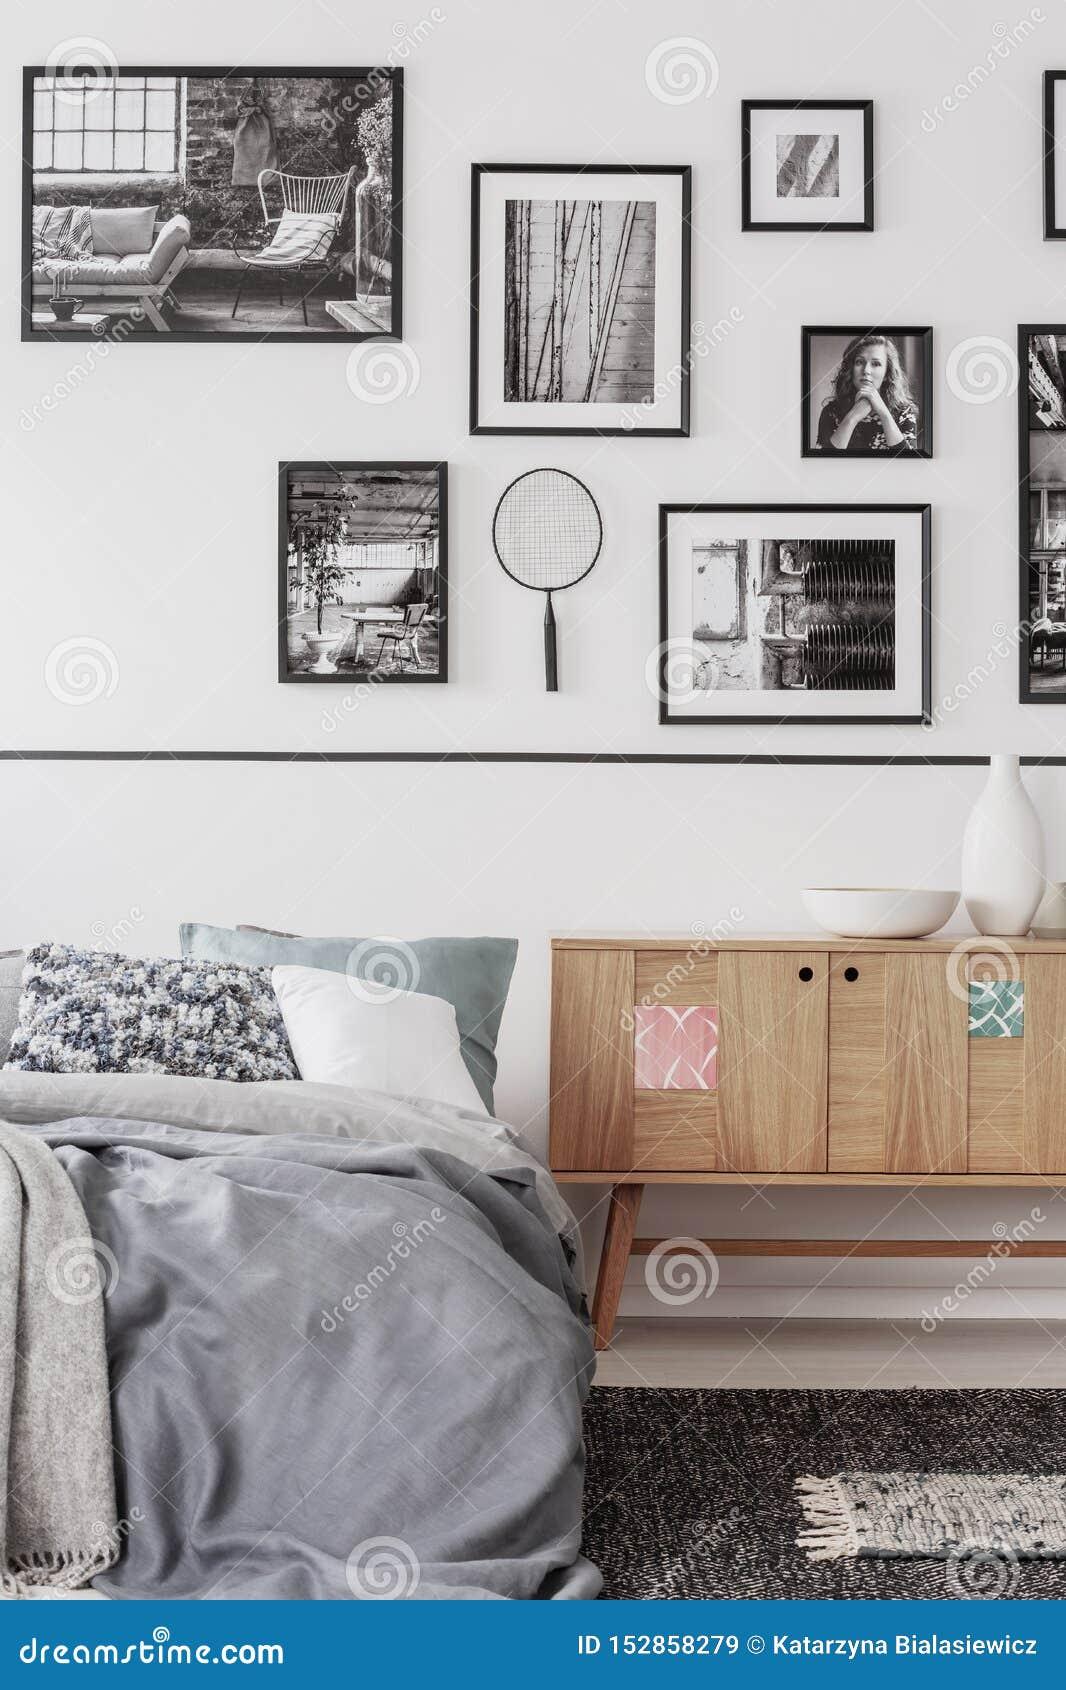 Modisches Schlafzimmer mit bequemem Königgrößenbett im modernen flachen, wirklichen Foto